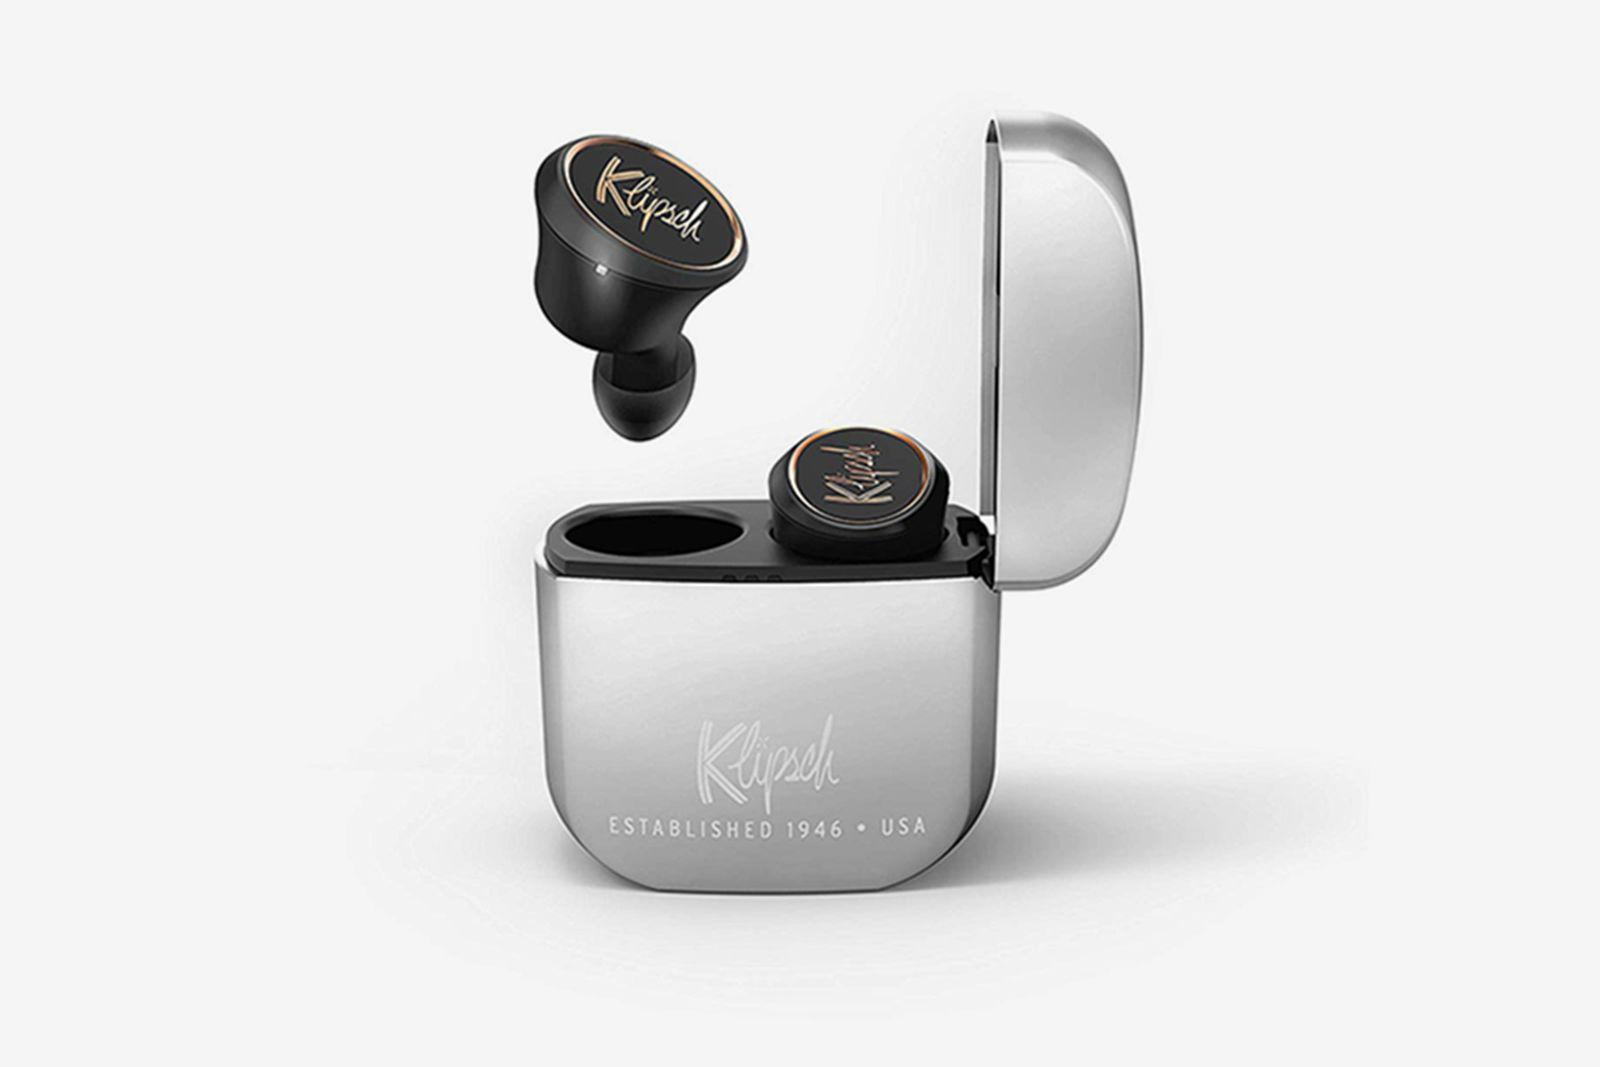 wireless headphones buy online main amazon tech gadgets